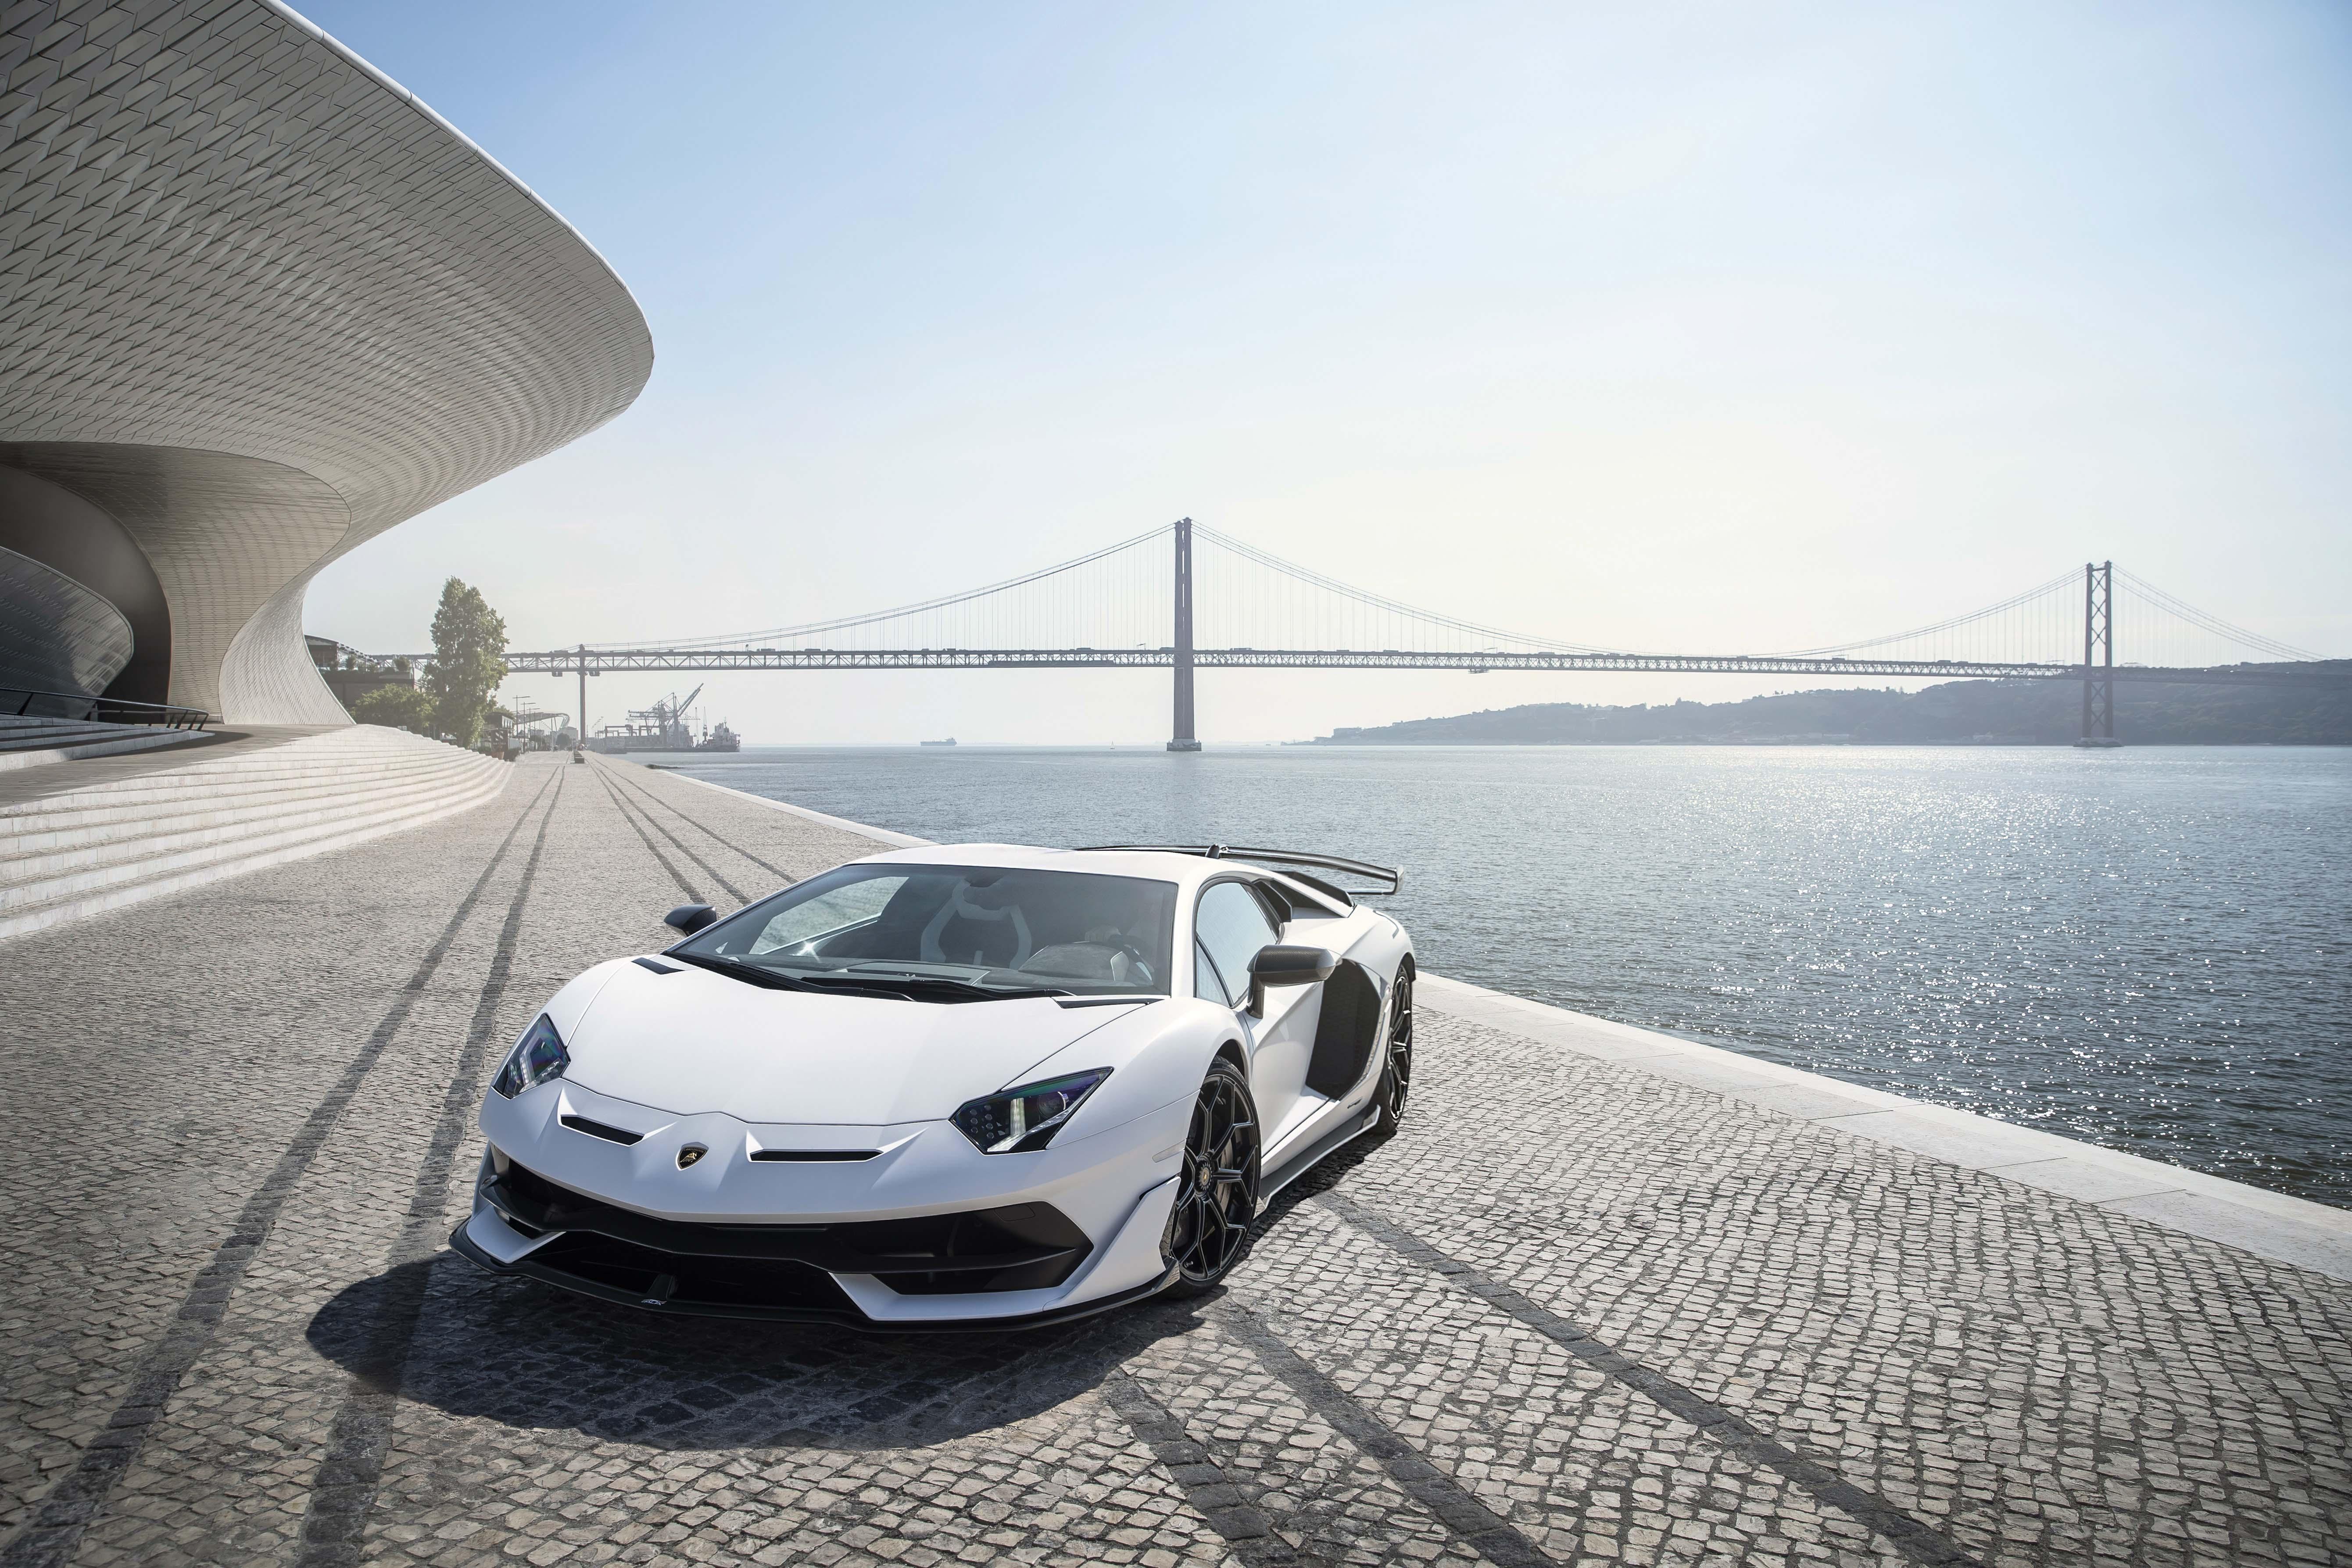 Lamborghini Aventador Svj White Lisbon 5k Hd Cars 4k Wallpapers